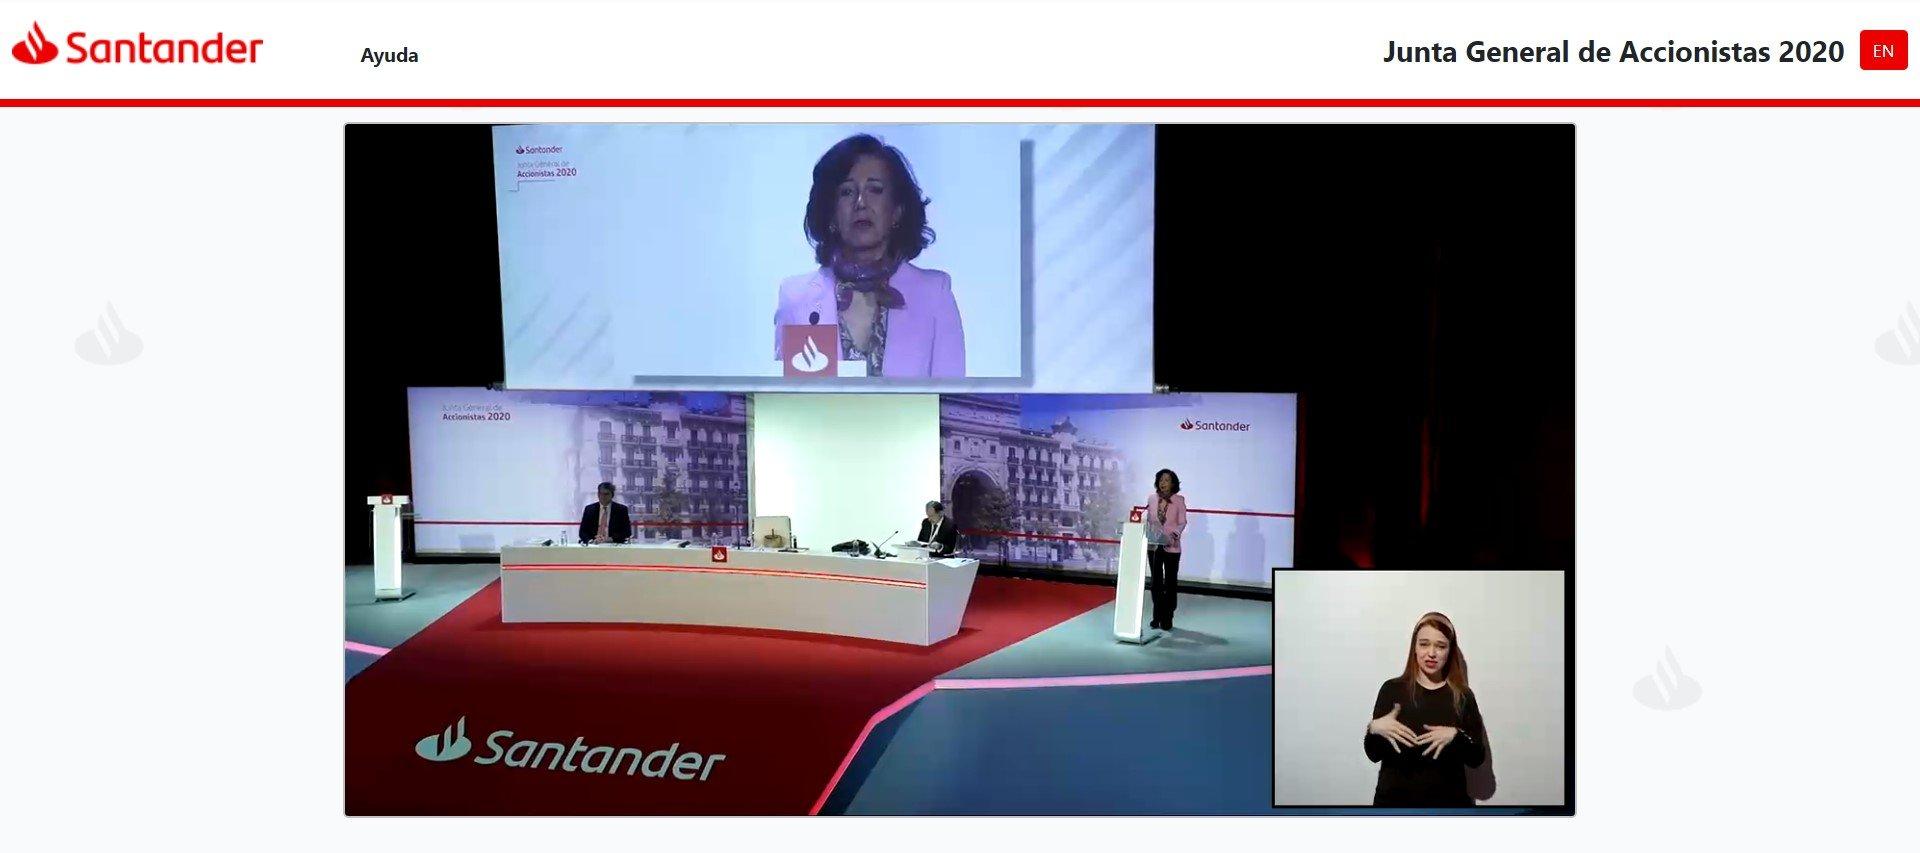 Ana Botín ha presumido de la preparación del Santander para celebrar la Junta de Accionistas en remoto